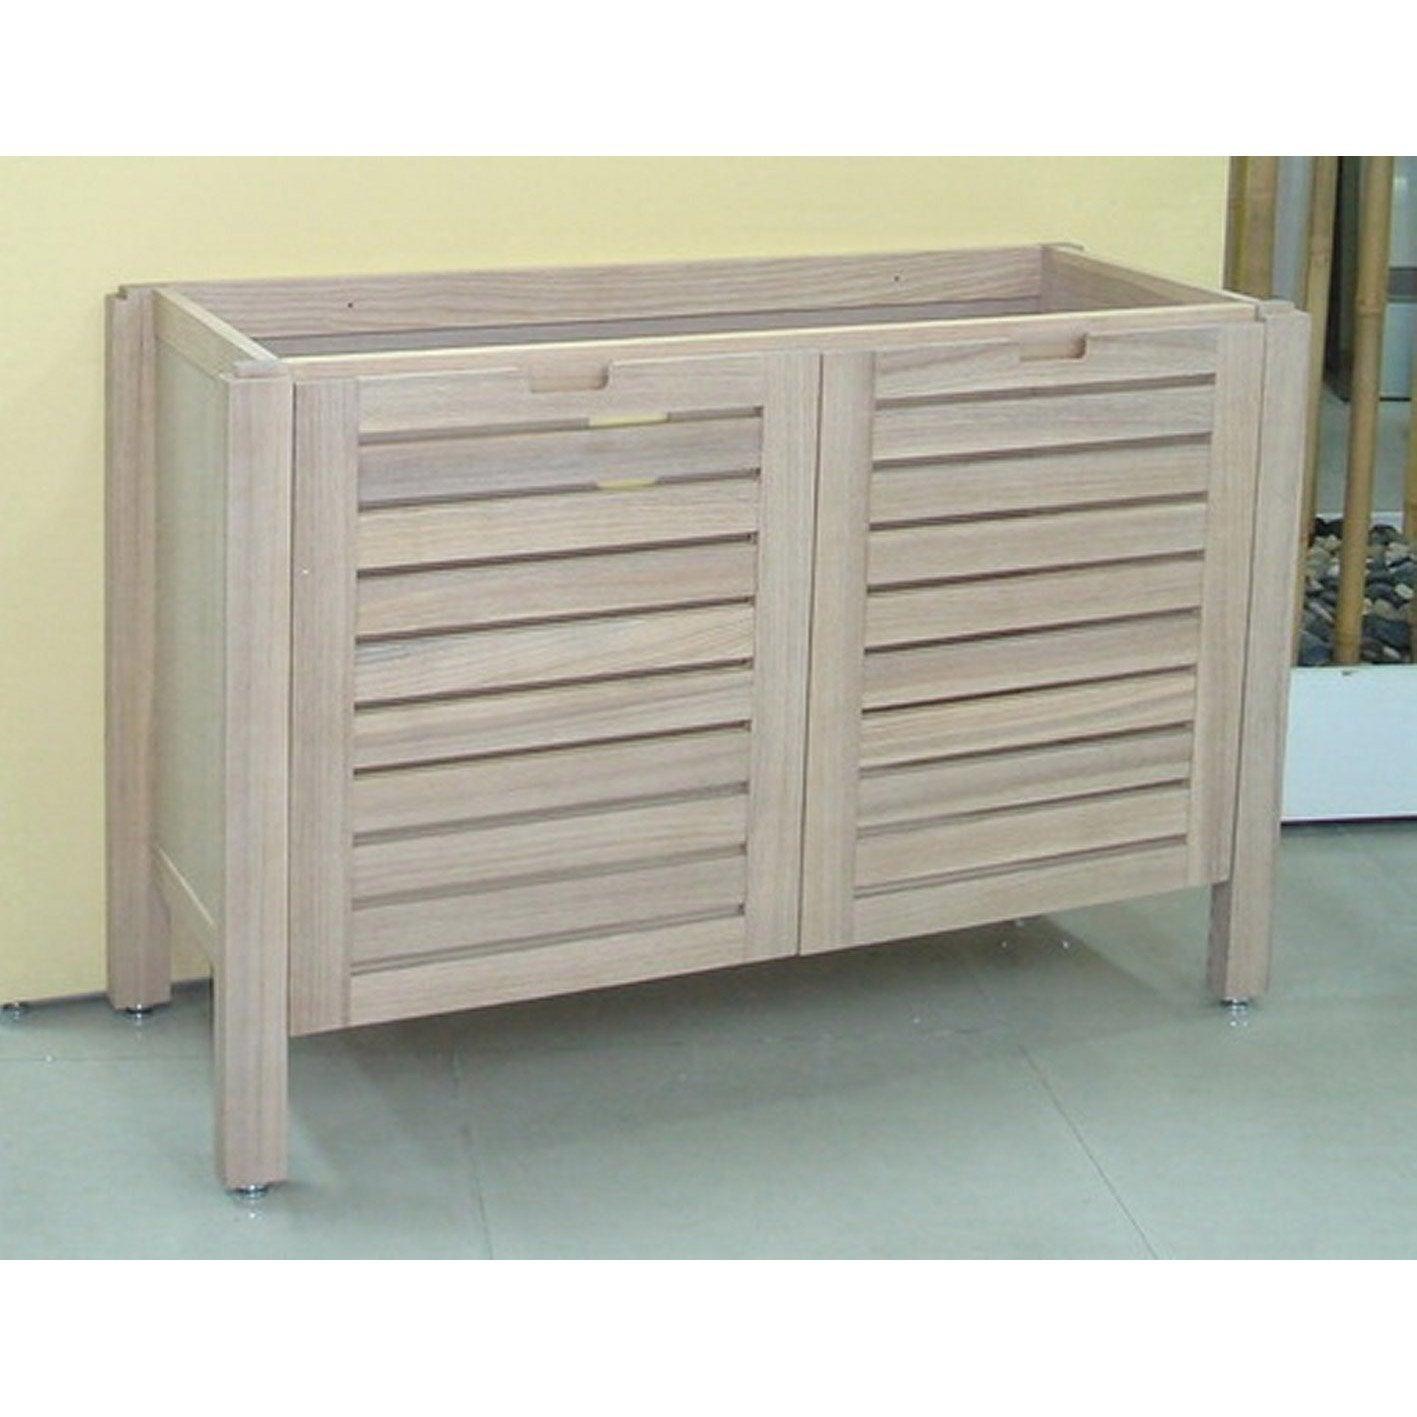 meuble salle de bain bois clair. Black Bedroom Furniture Sets. Home Design Ideas